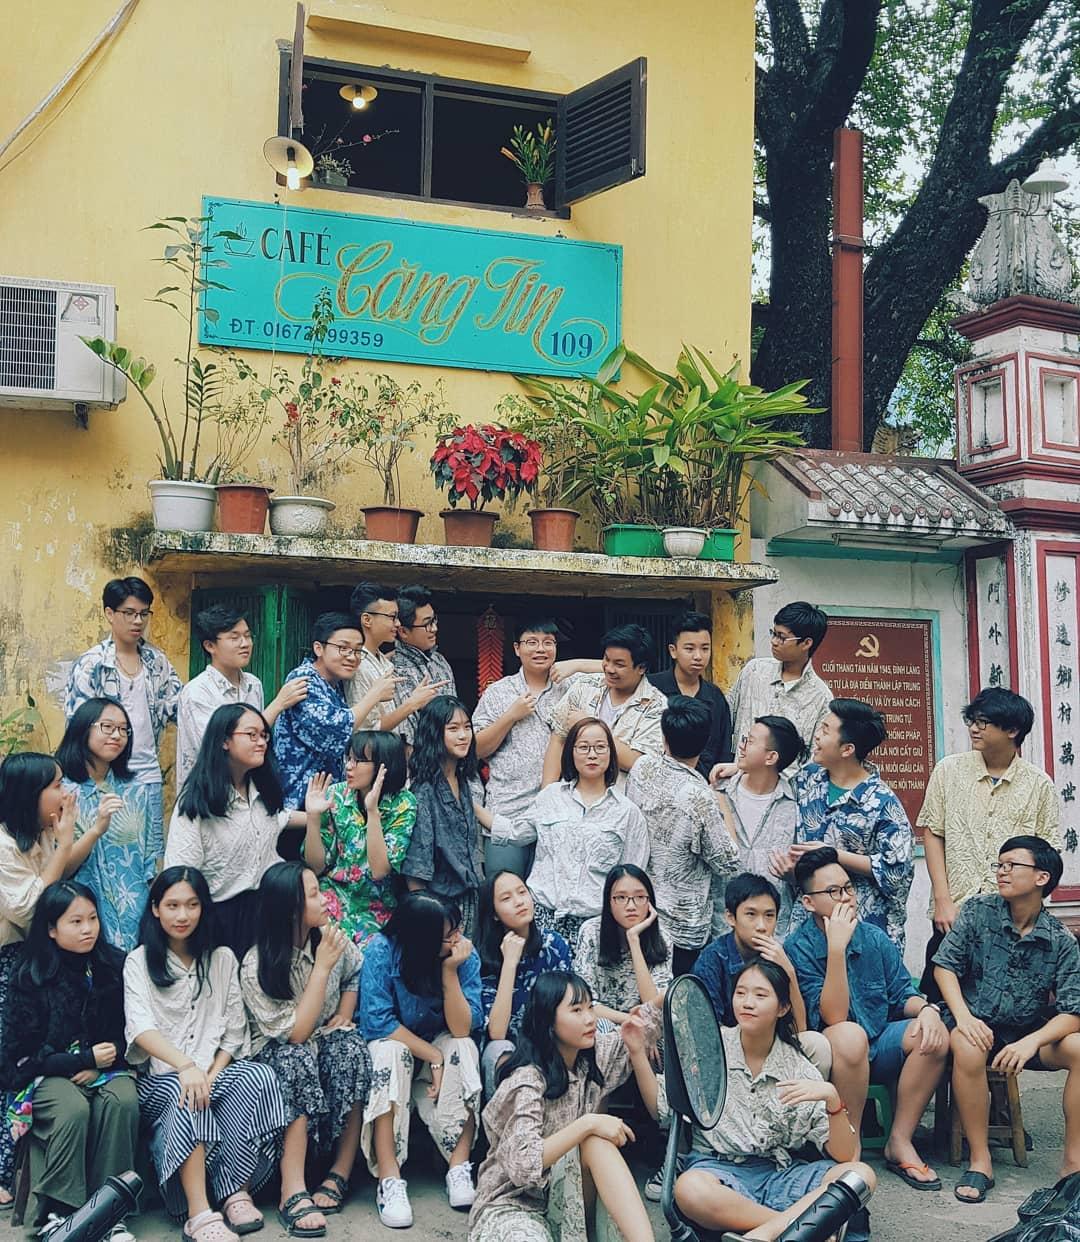 hanoi_nhung-quan-cafe-phong-cach-bao-cap-o-ha-noi-13